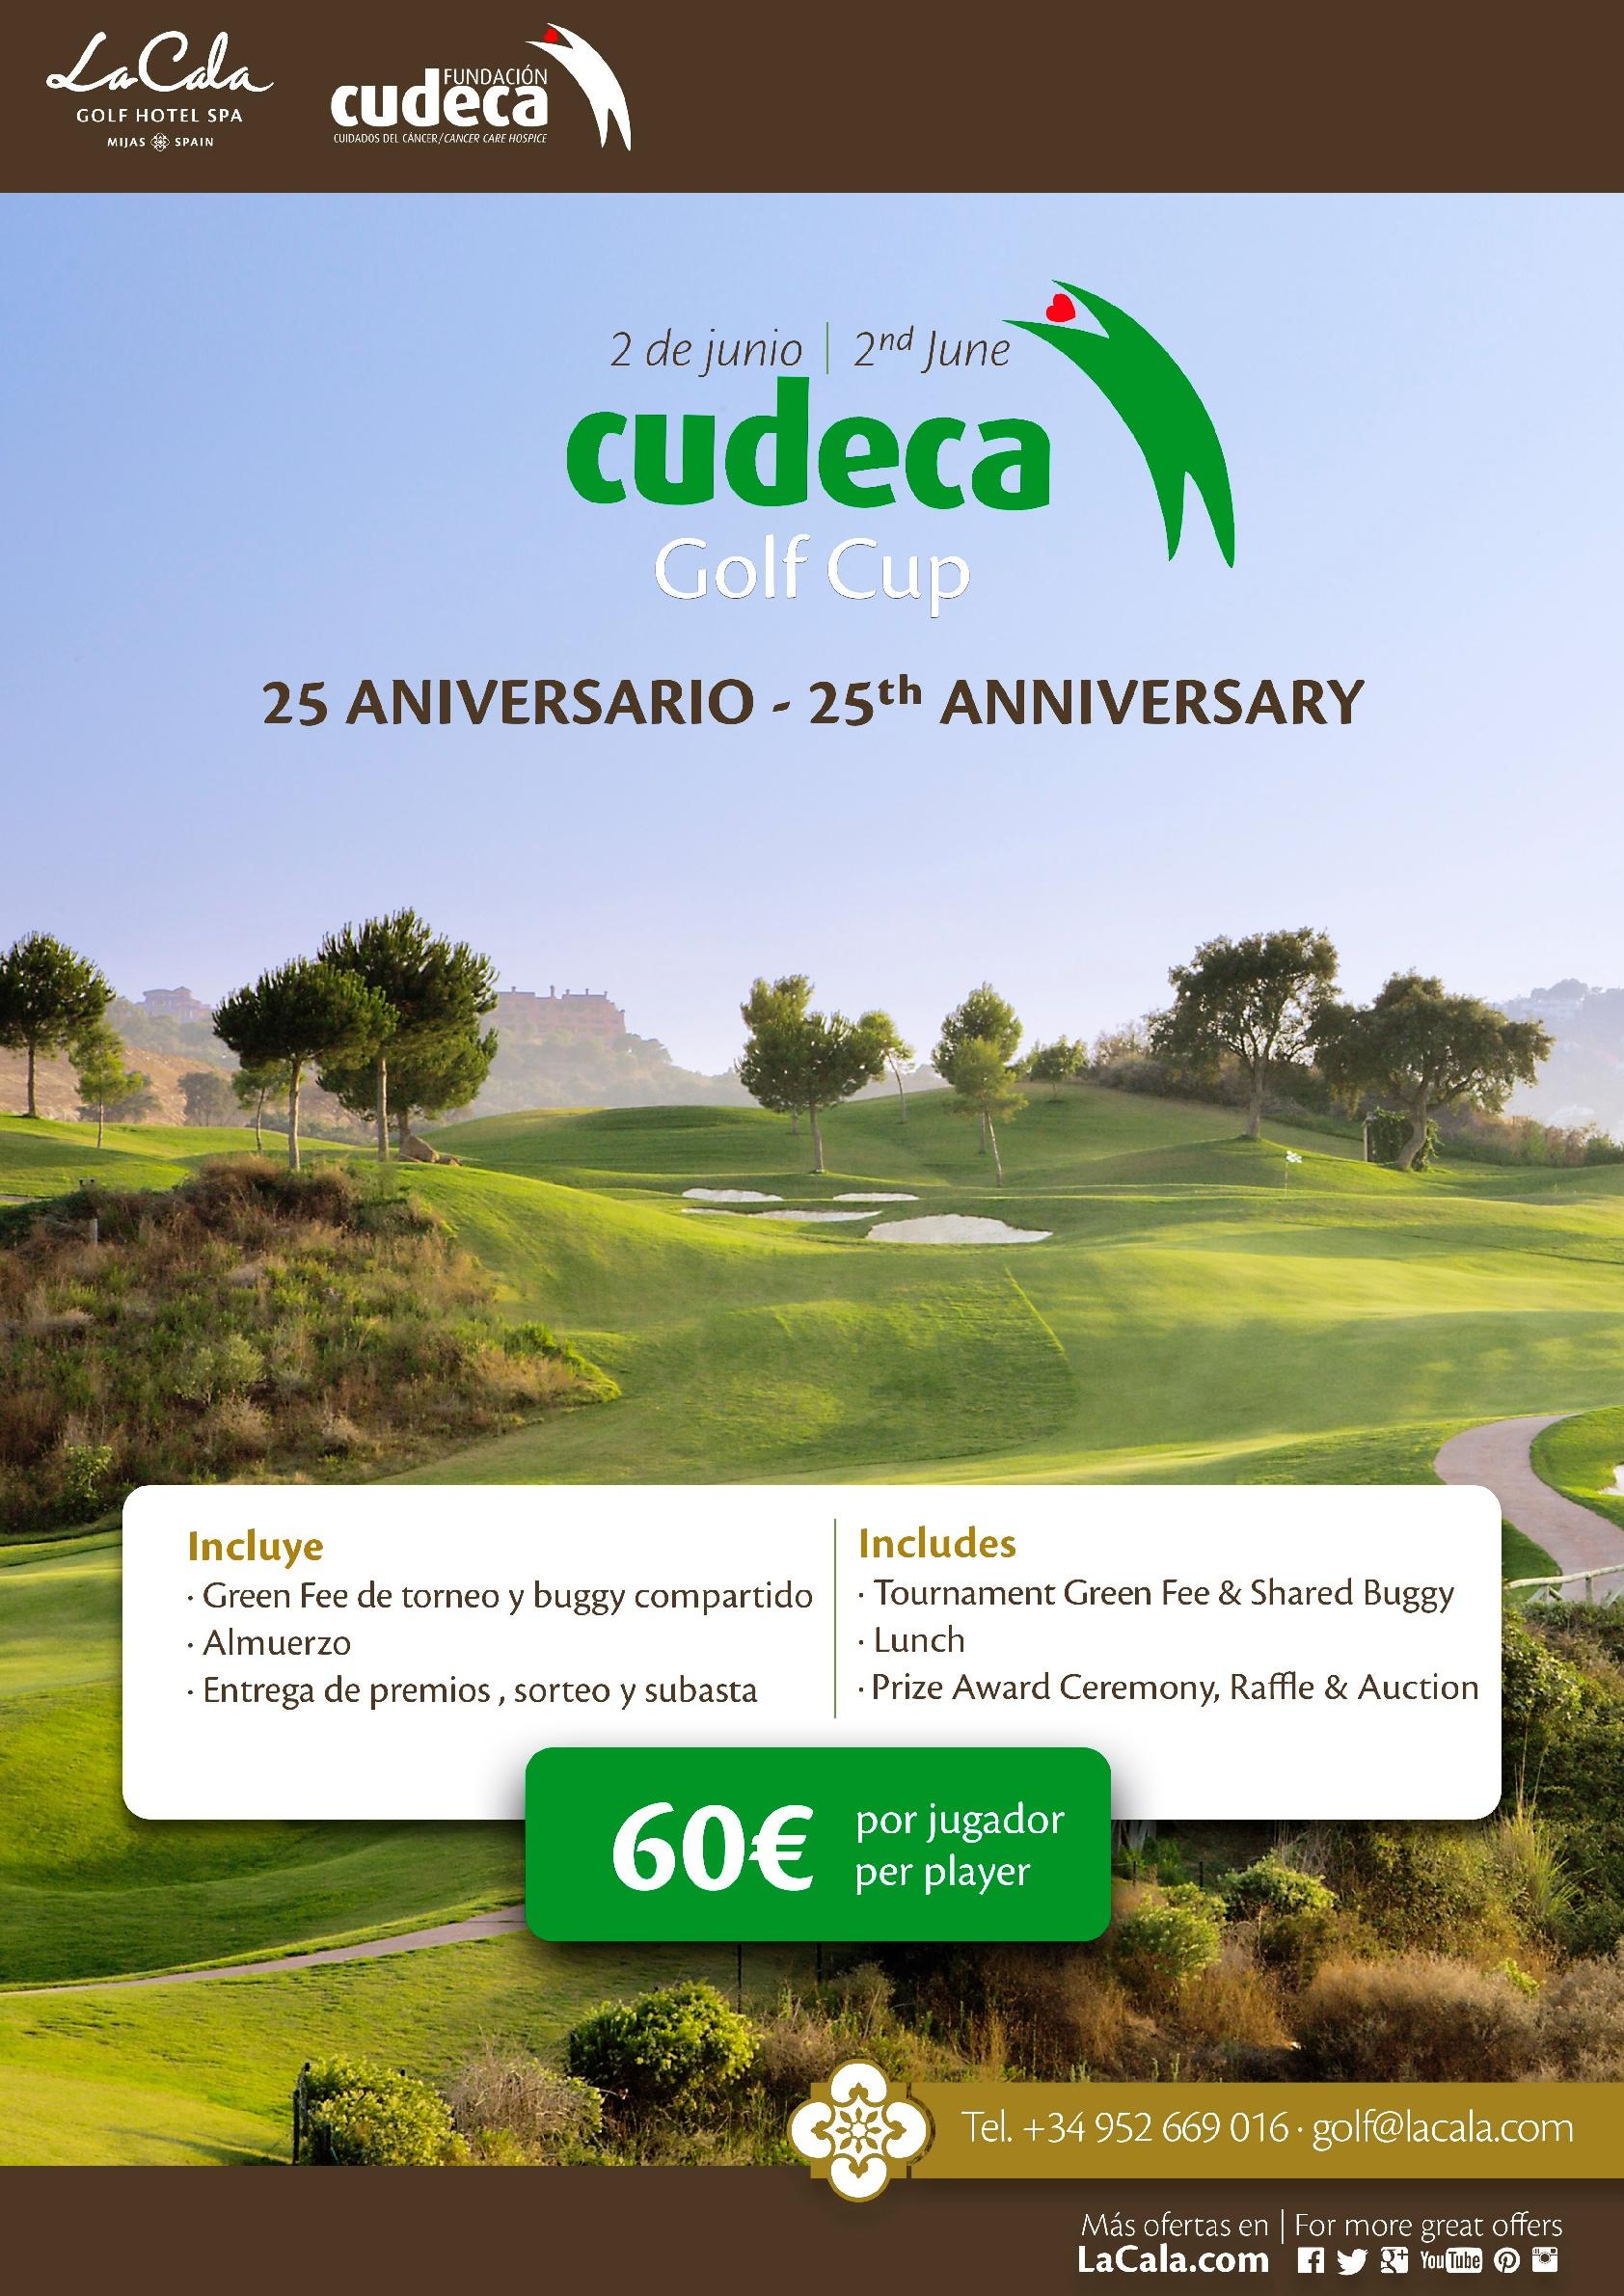 XXV Aniversario de la Copa CUDECA  en La Cala Resort